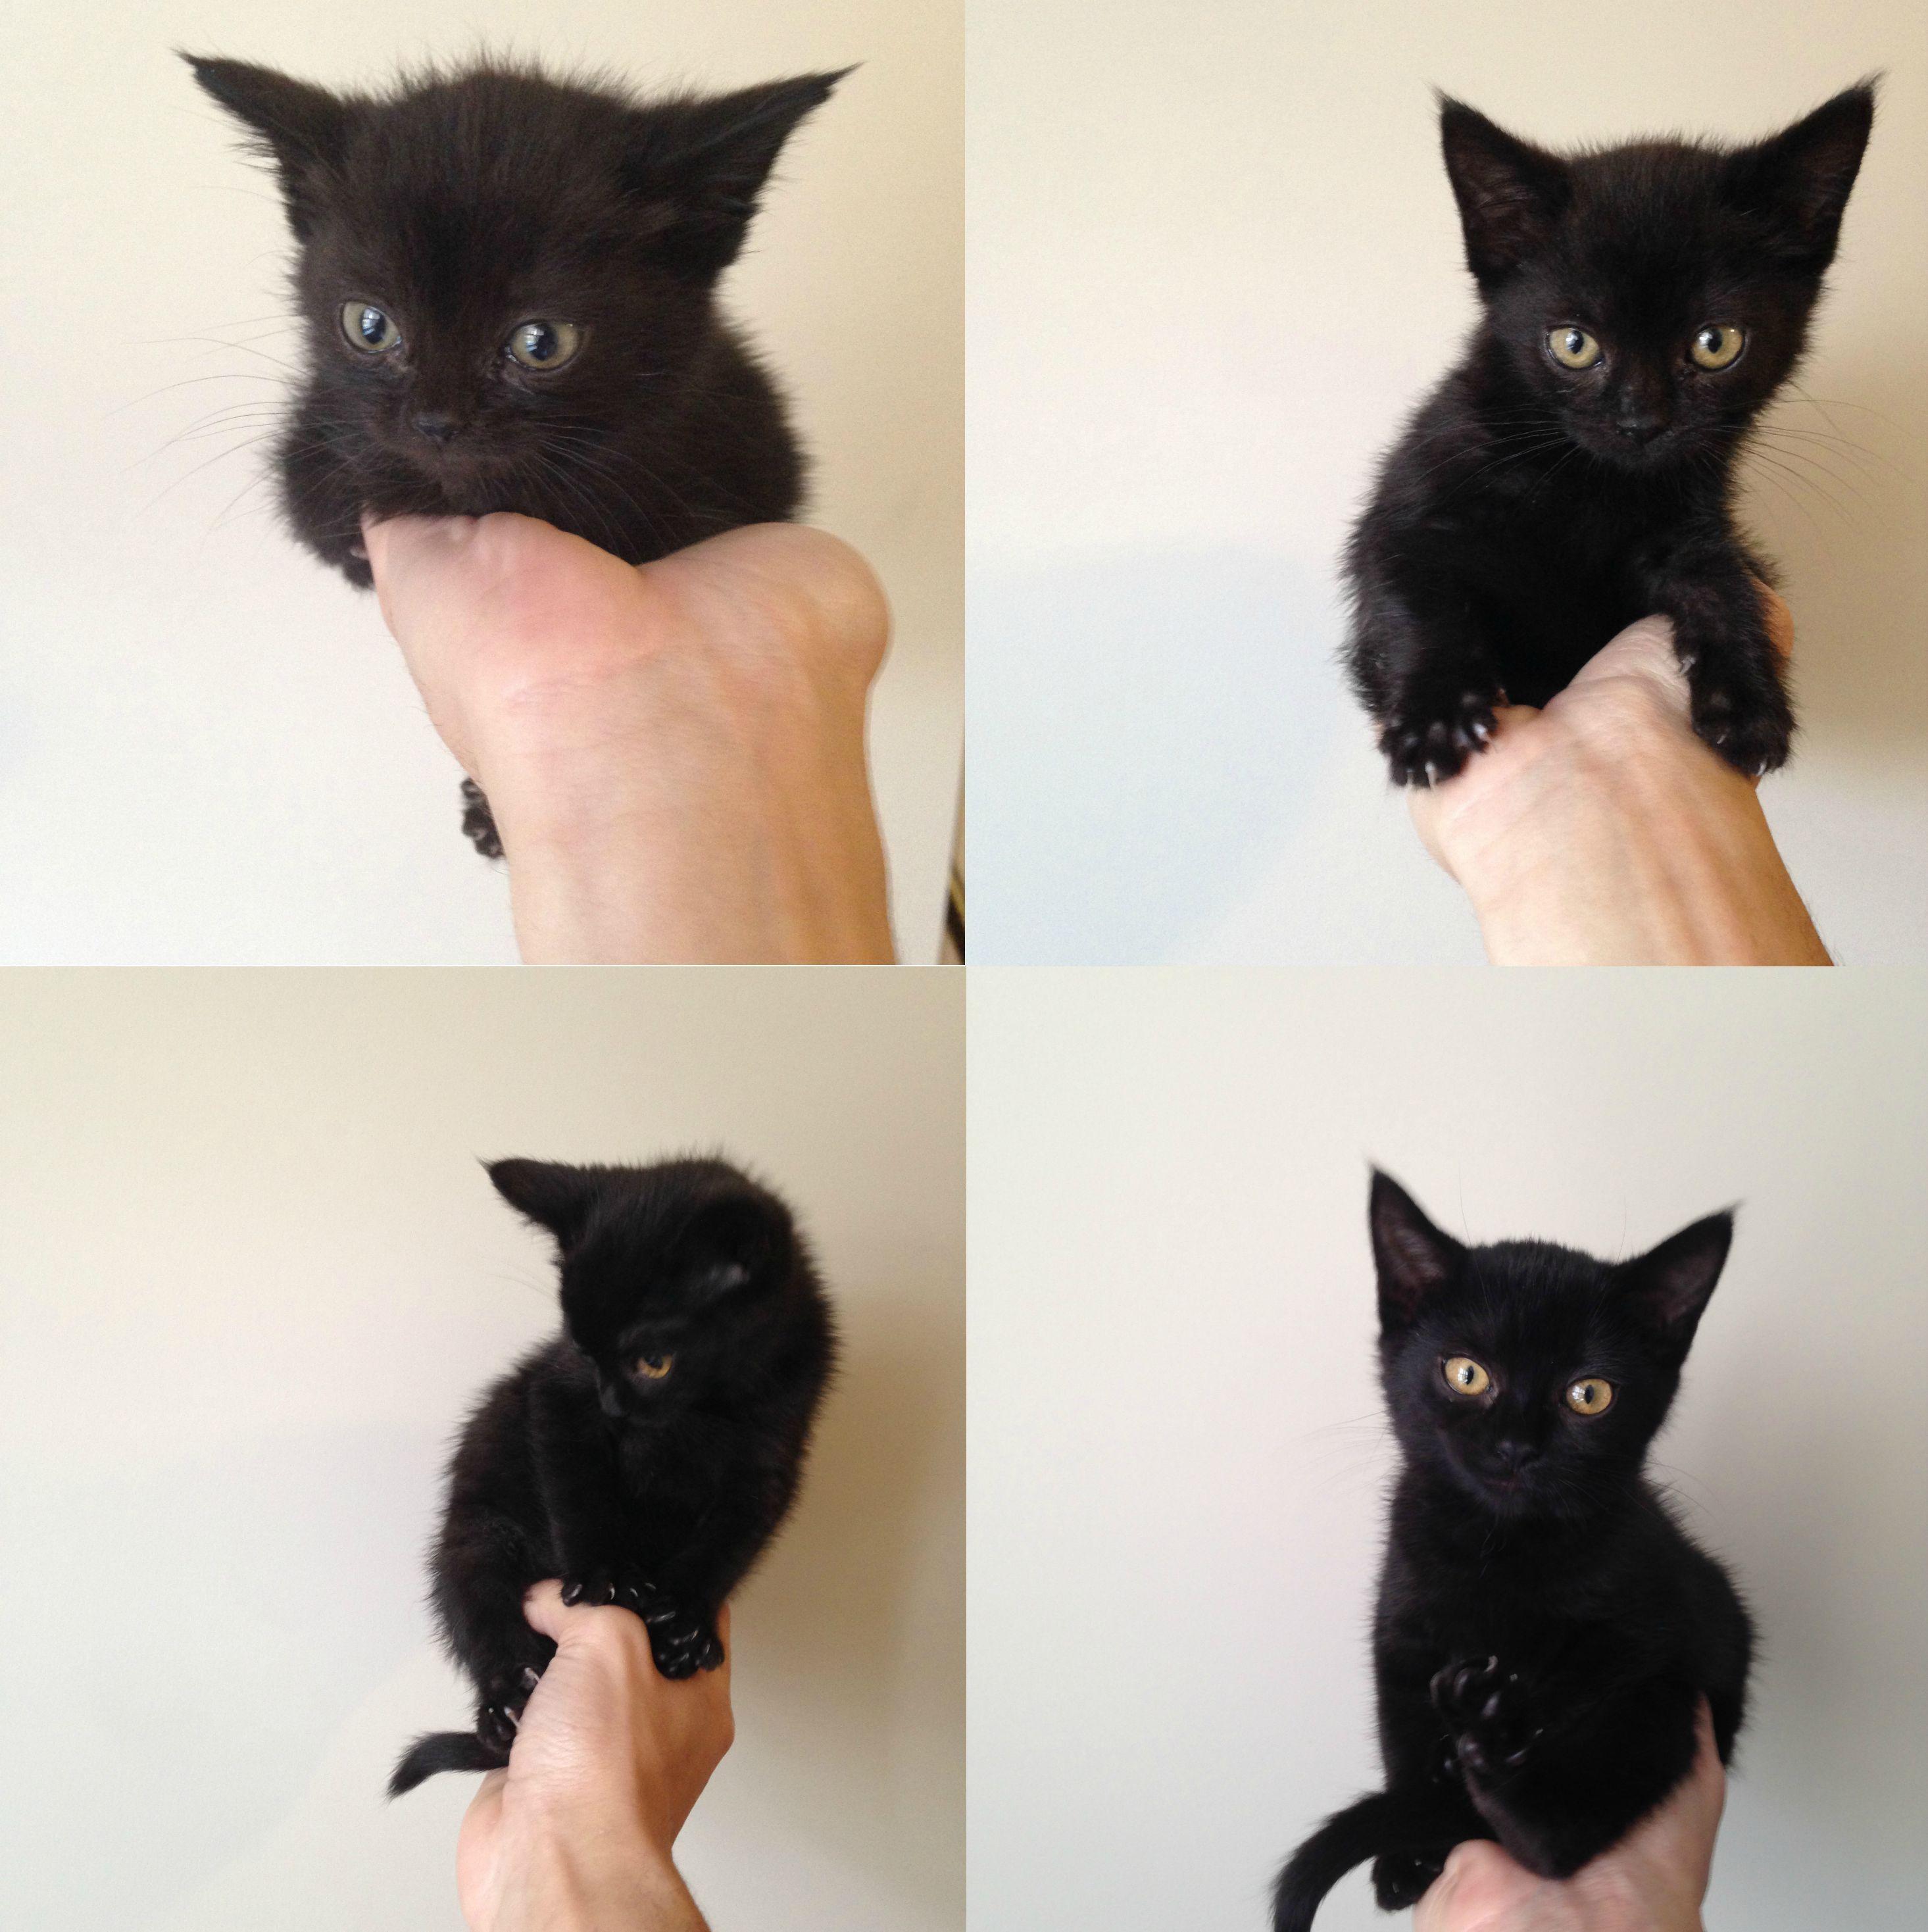 8 Weeks Of Foster Kitten Growth Before She Goes Off To Her New Home Katten En Kittens Dieren Poesjes